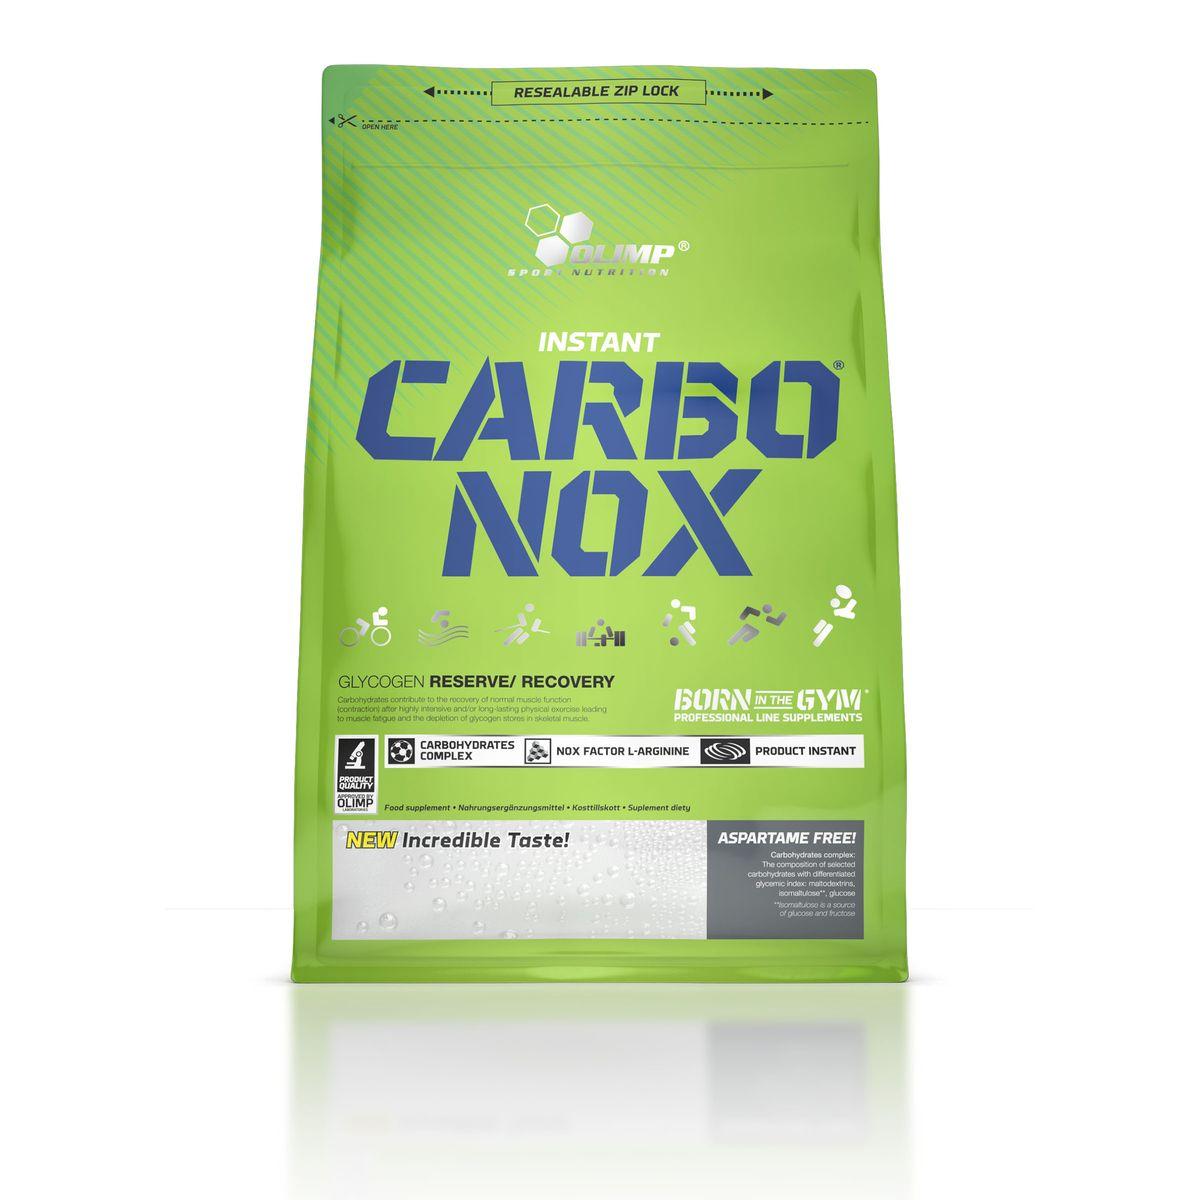 OLIMP Энергетический напиток Carbo Nox 1кг, лимонO27611Olimp Carbo Nox - это напиток, способный быстро поставить энергию спортсмену! Он содержит углеводы различной длины цепи, что способствует равномерному усвоению и обеспечивает организм топливом на длительный промежуток времени. Olimp Carbo Nox не просто энергетик. Он несет в себе именно те минералы, которые атлет теряет с потом во время тренировок. Olimp Carbo Nox также содержит витамины, особенно важные при интенсивных нагрузках. Рекомендации по применению: Пейте 2 - 4 порции до и во время тренировки для обеспечения организма энергией и влагой, после тренировки для восстановления энергетических запасов. Рекомендации по приготовлению: 50 г - 90 единиц измерения мерной ложки или 5 без горки столовых ложек на 500 мл воды.